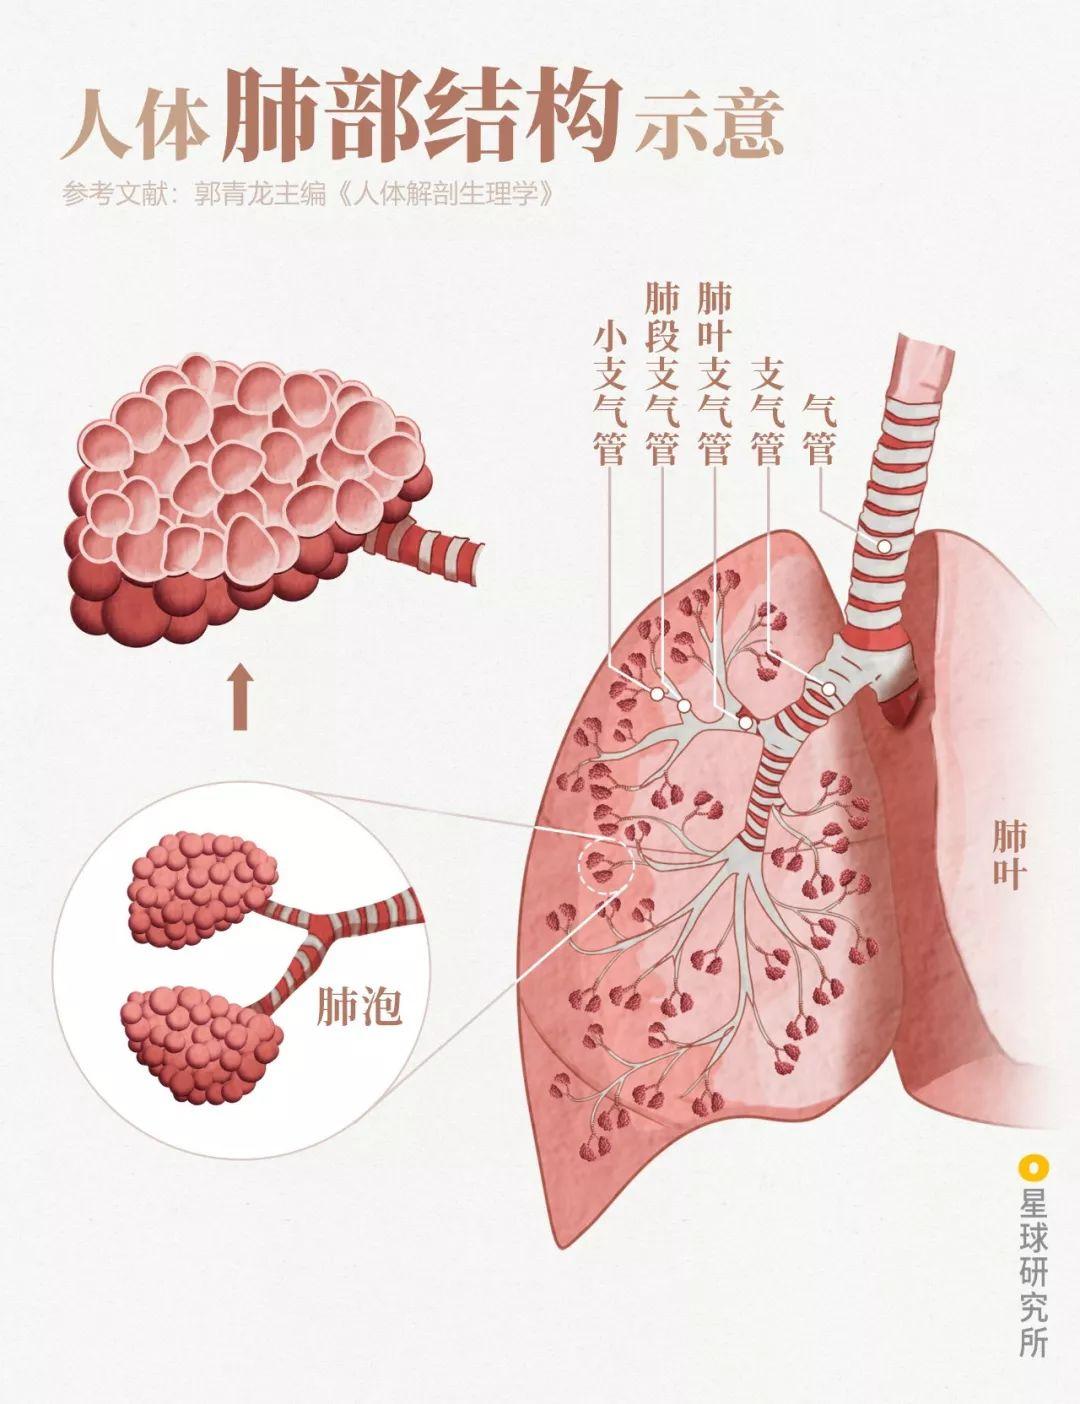 感染病毒后的168小时,你的体内都发生了什么?插图14